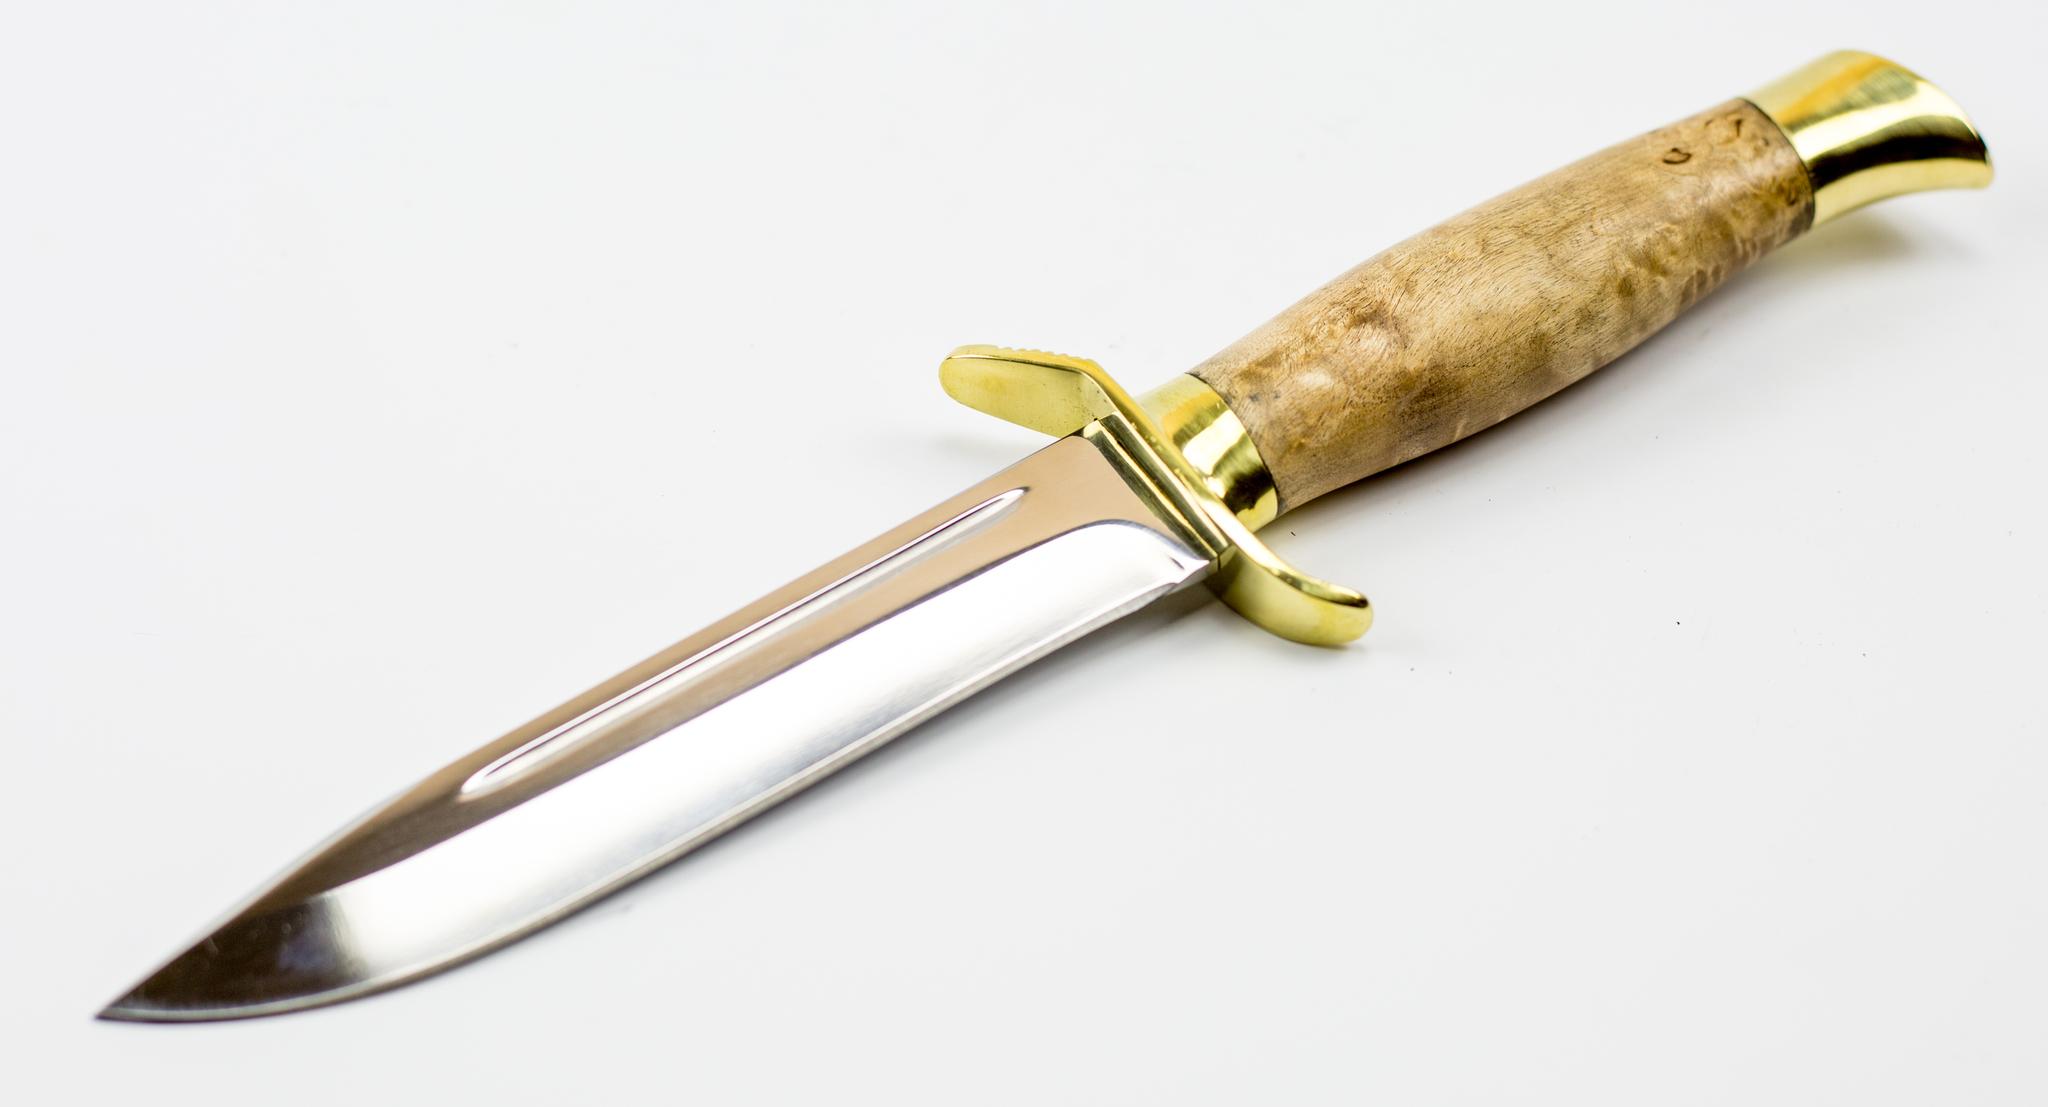 Фото 2 - Нож НР-40, карельская береза от Мастерская Климентьева